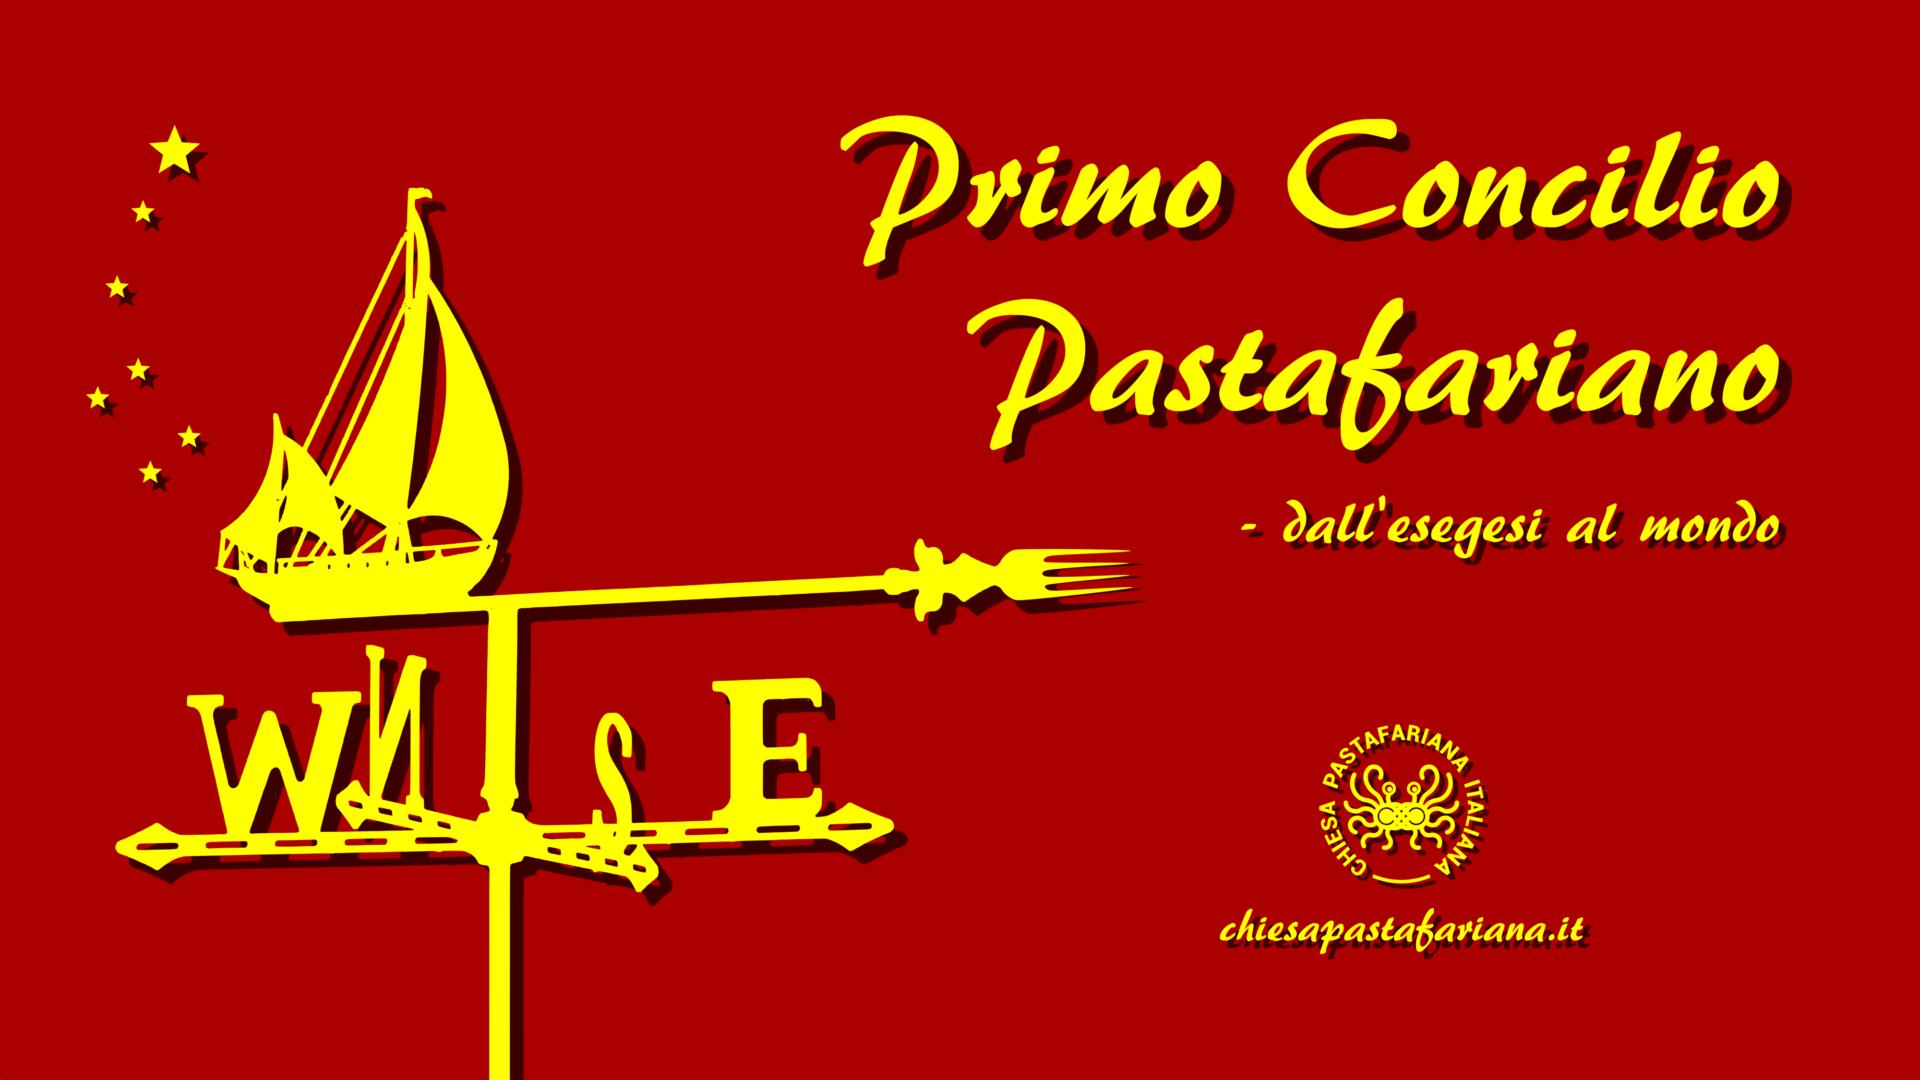 Parole, parole, parole… soltanto Parole pastafariane!